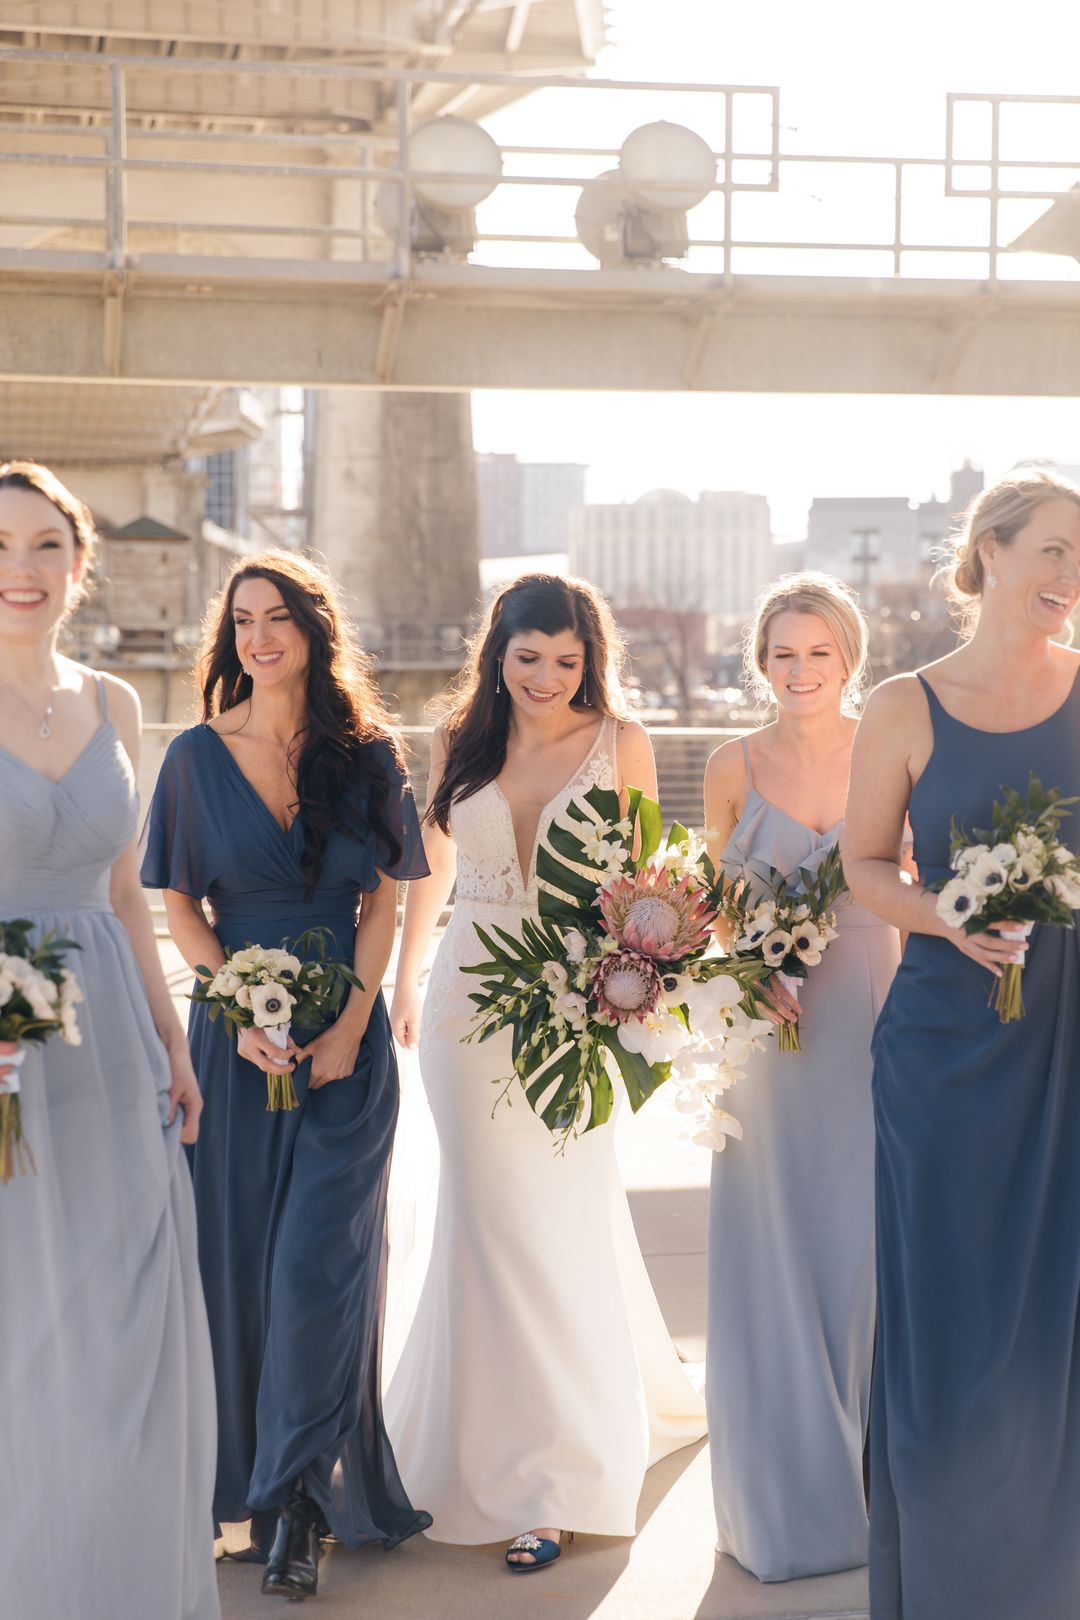 tropical bridesmaid bouquets, mismatched blue bridesmaid dresses